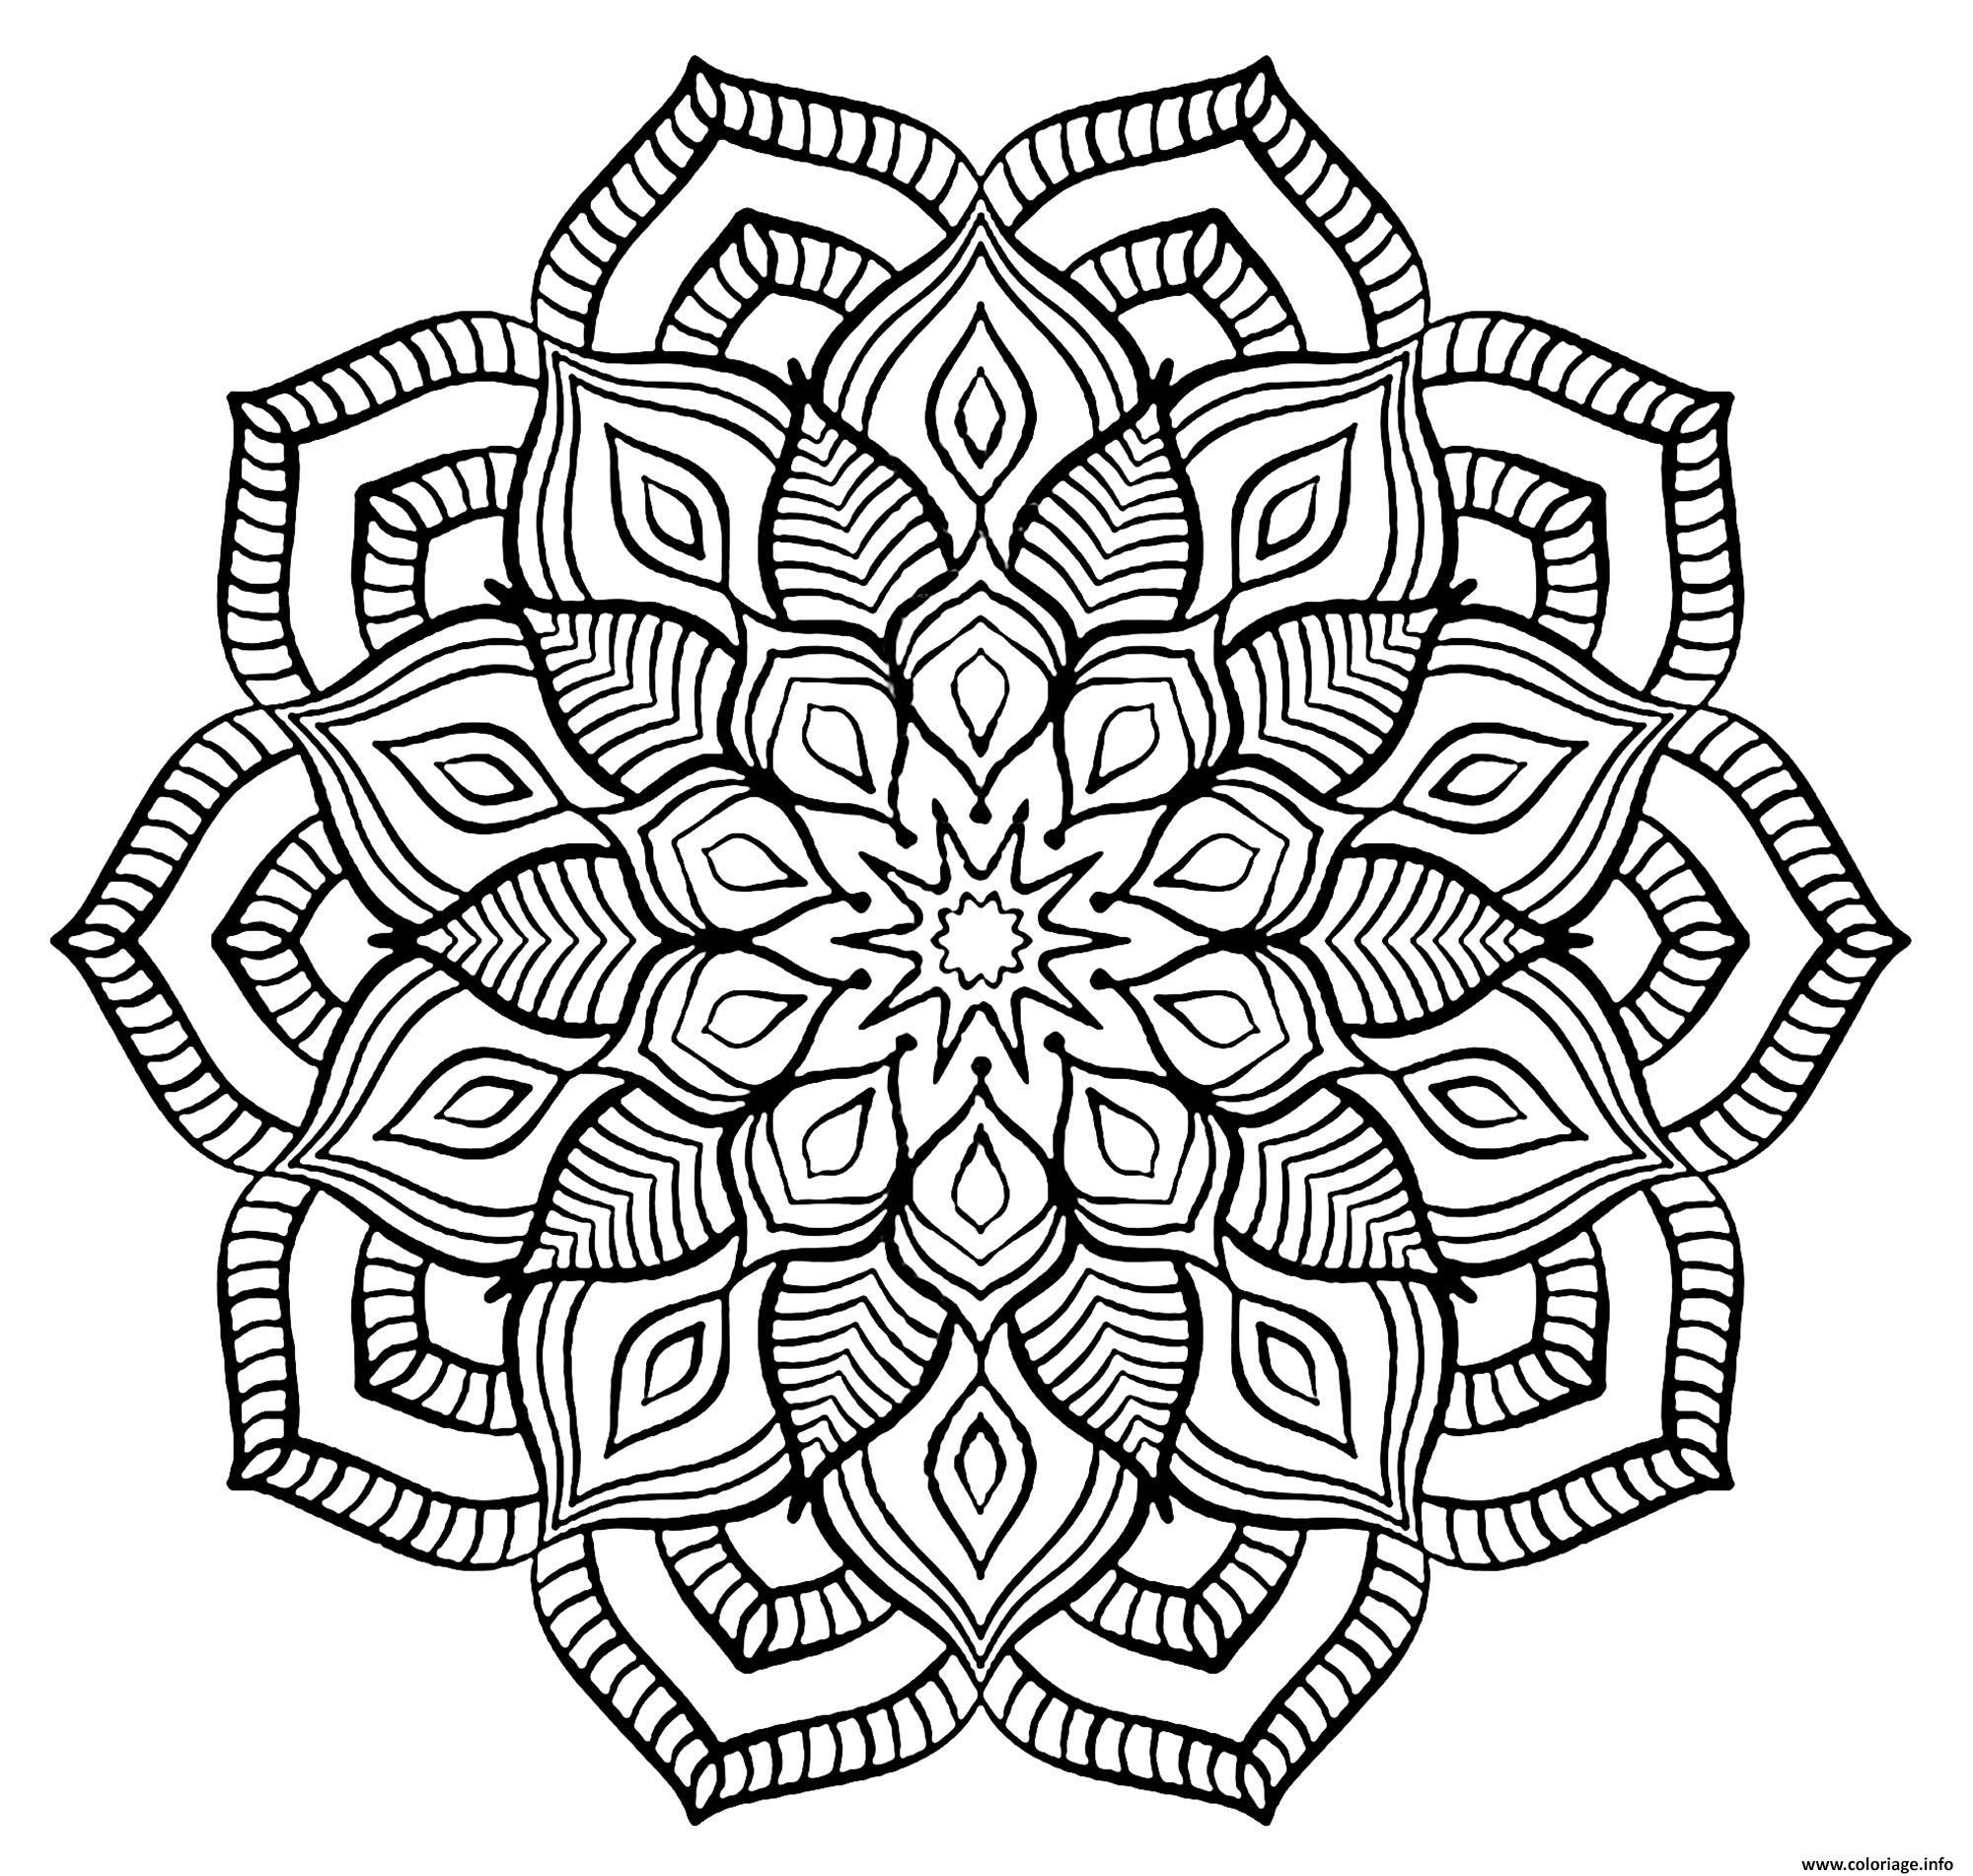 Coloriage Mandala Adulte Fleurs Relaxation Dessin Fleurs A Imprimer